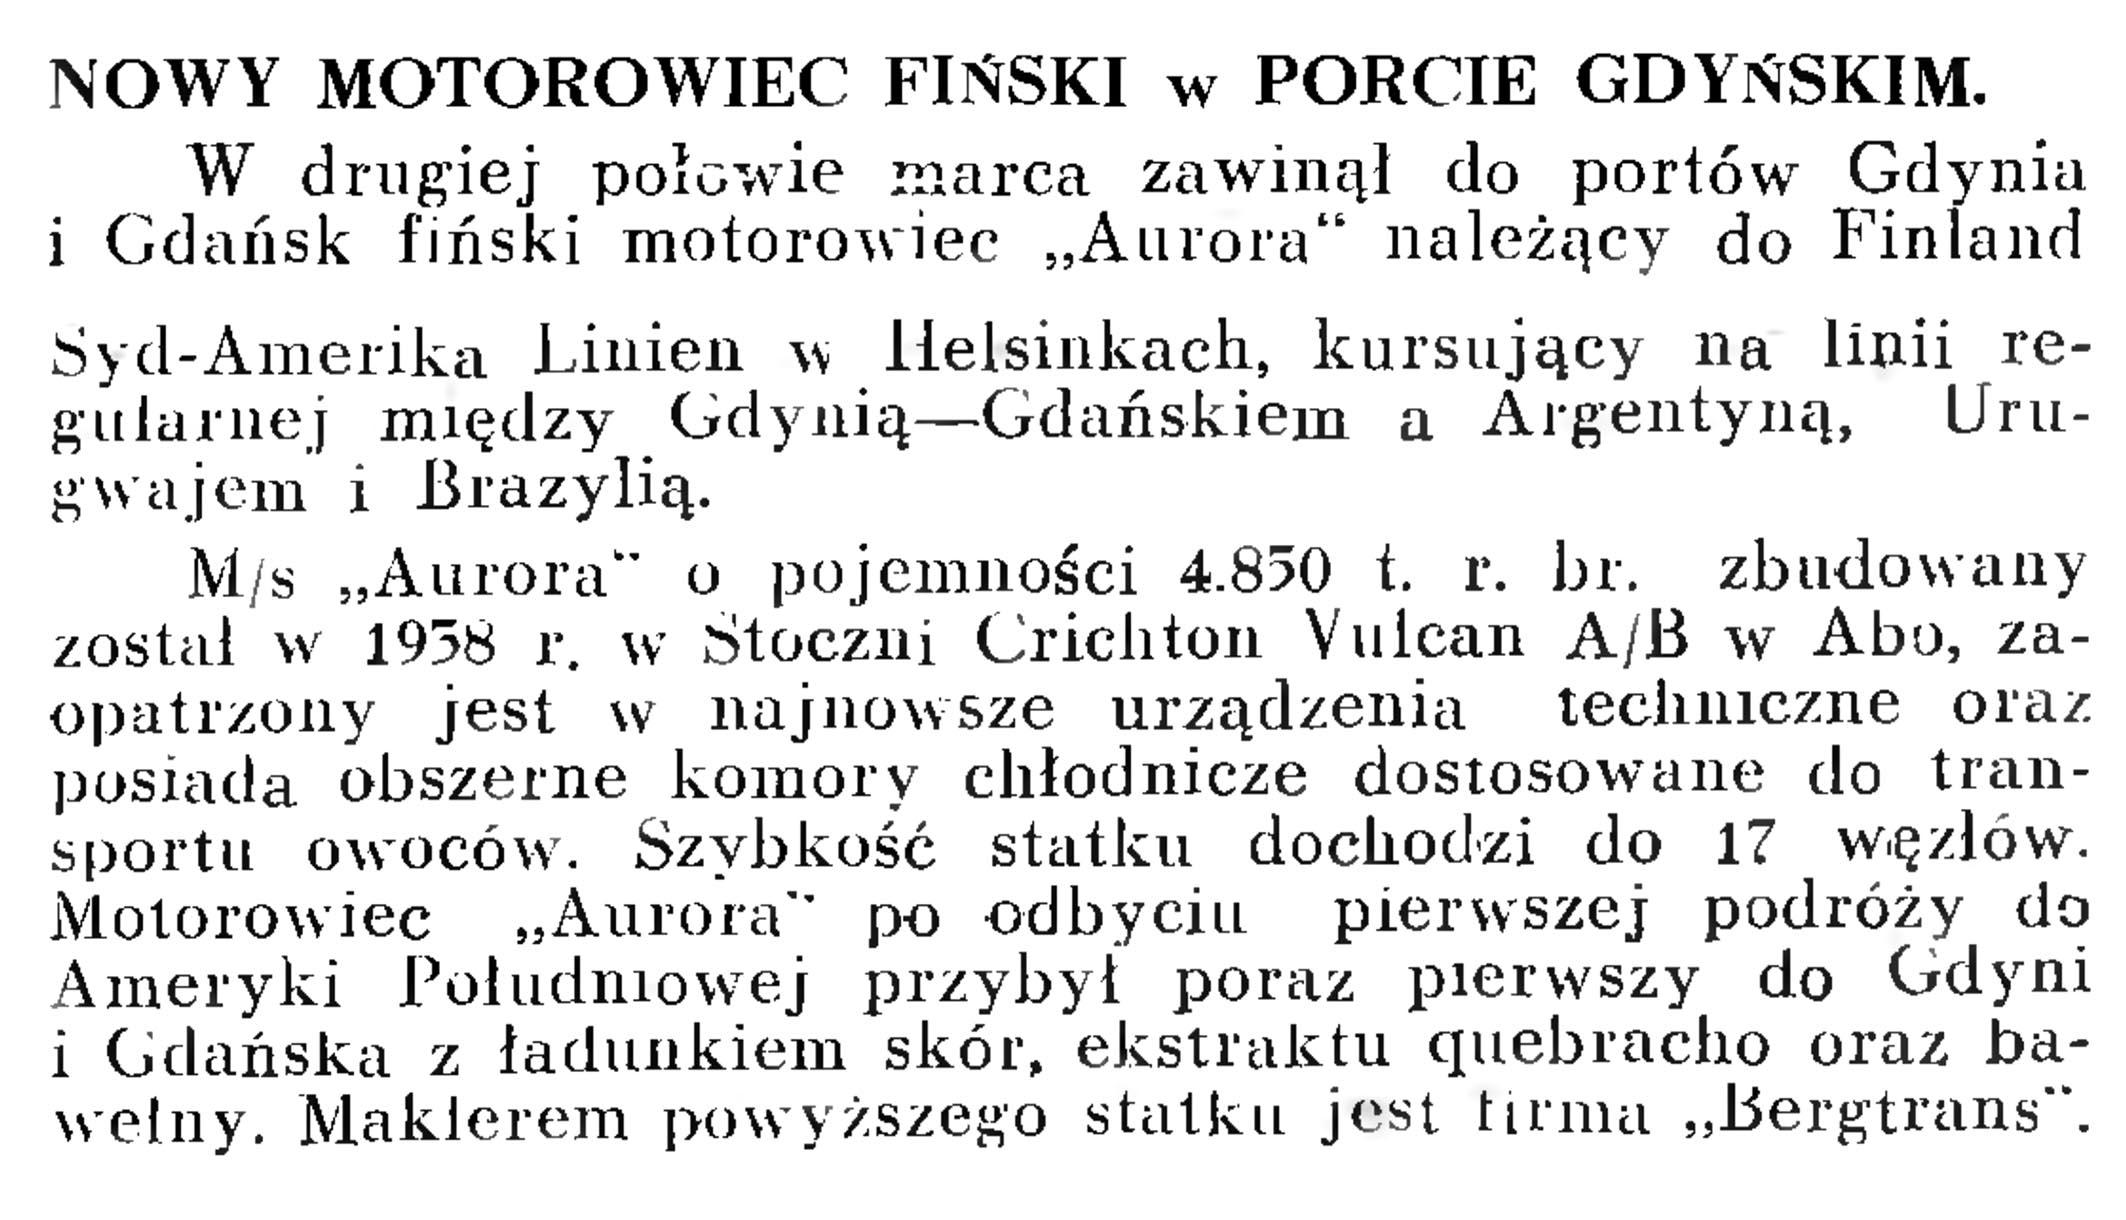 Nowy motorowiec fiński w porcie gdyńskim // Wiadomości Portowe. - 1939, nr 3, s. 116